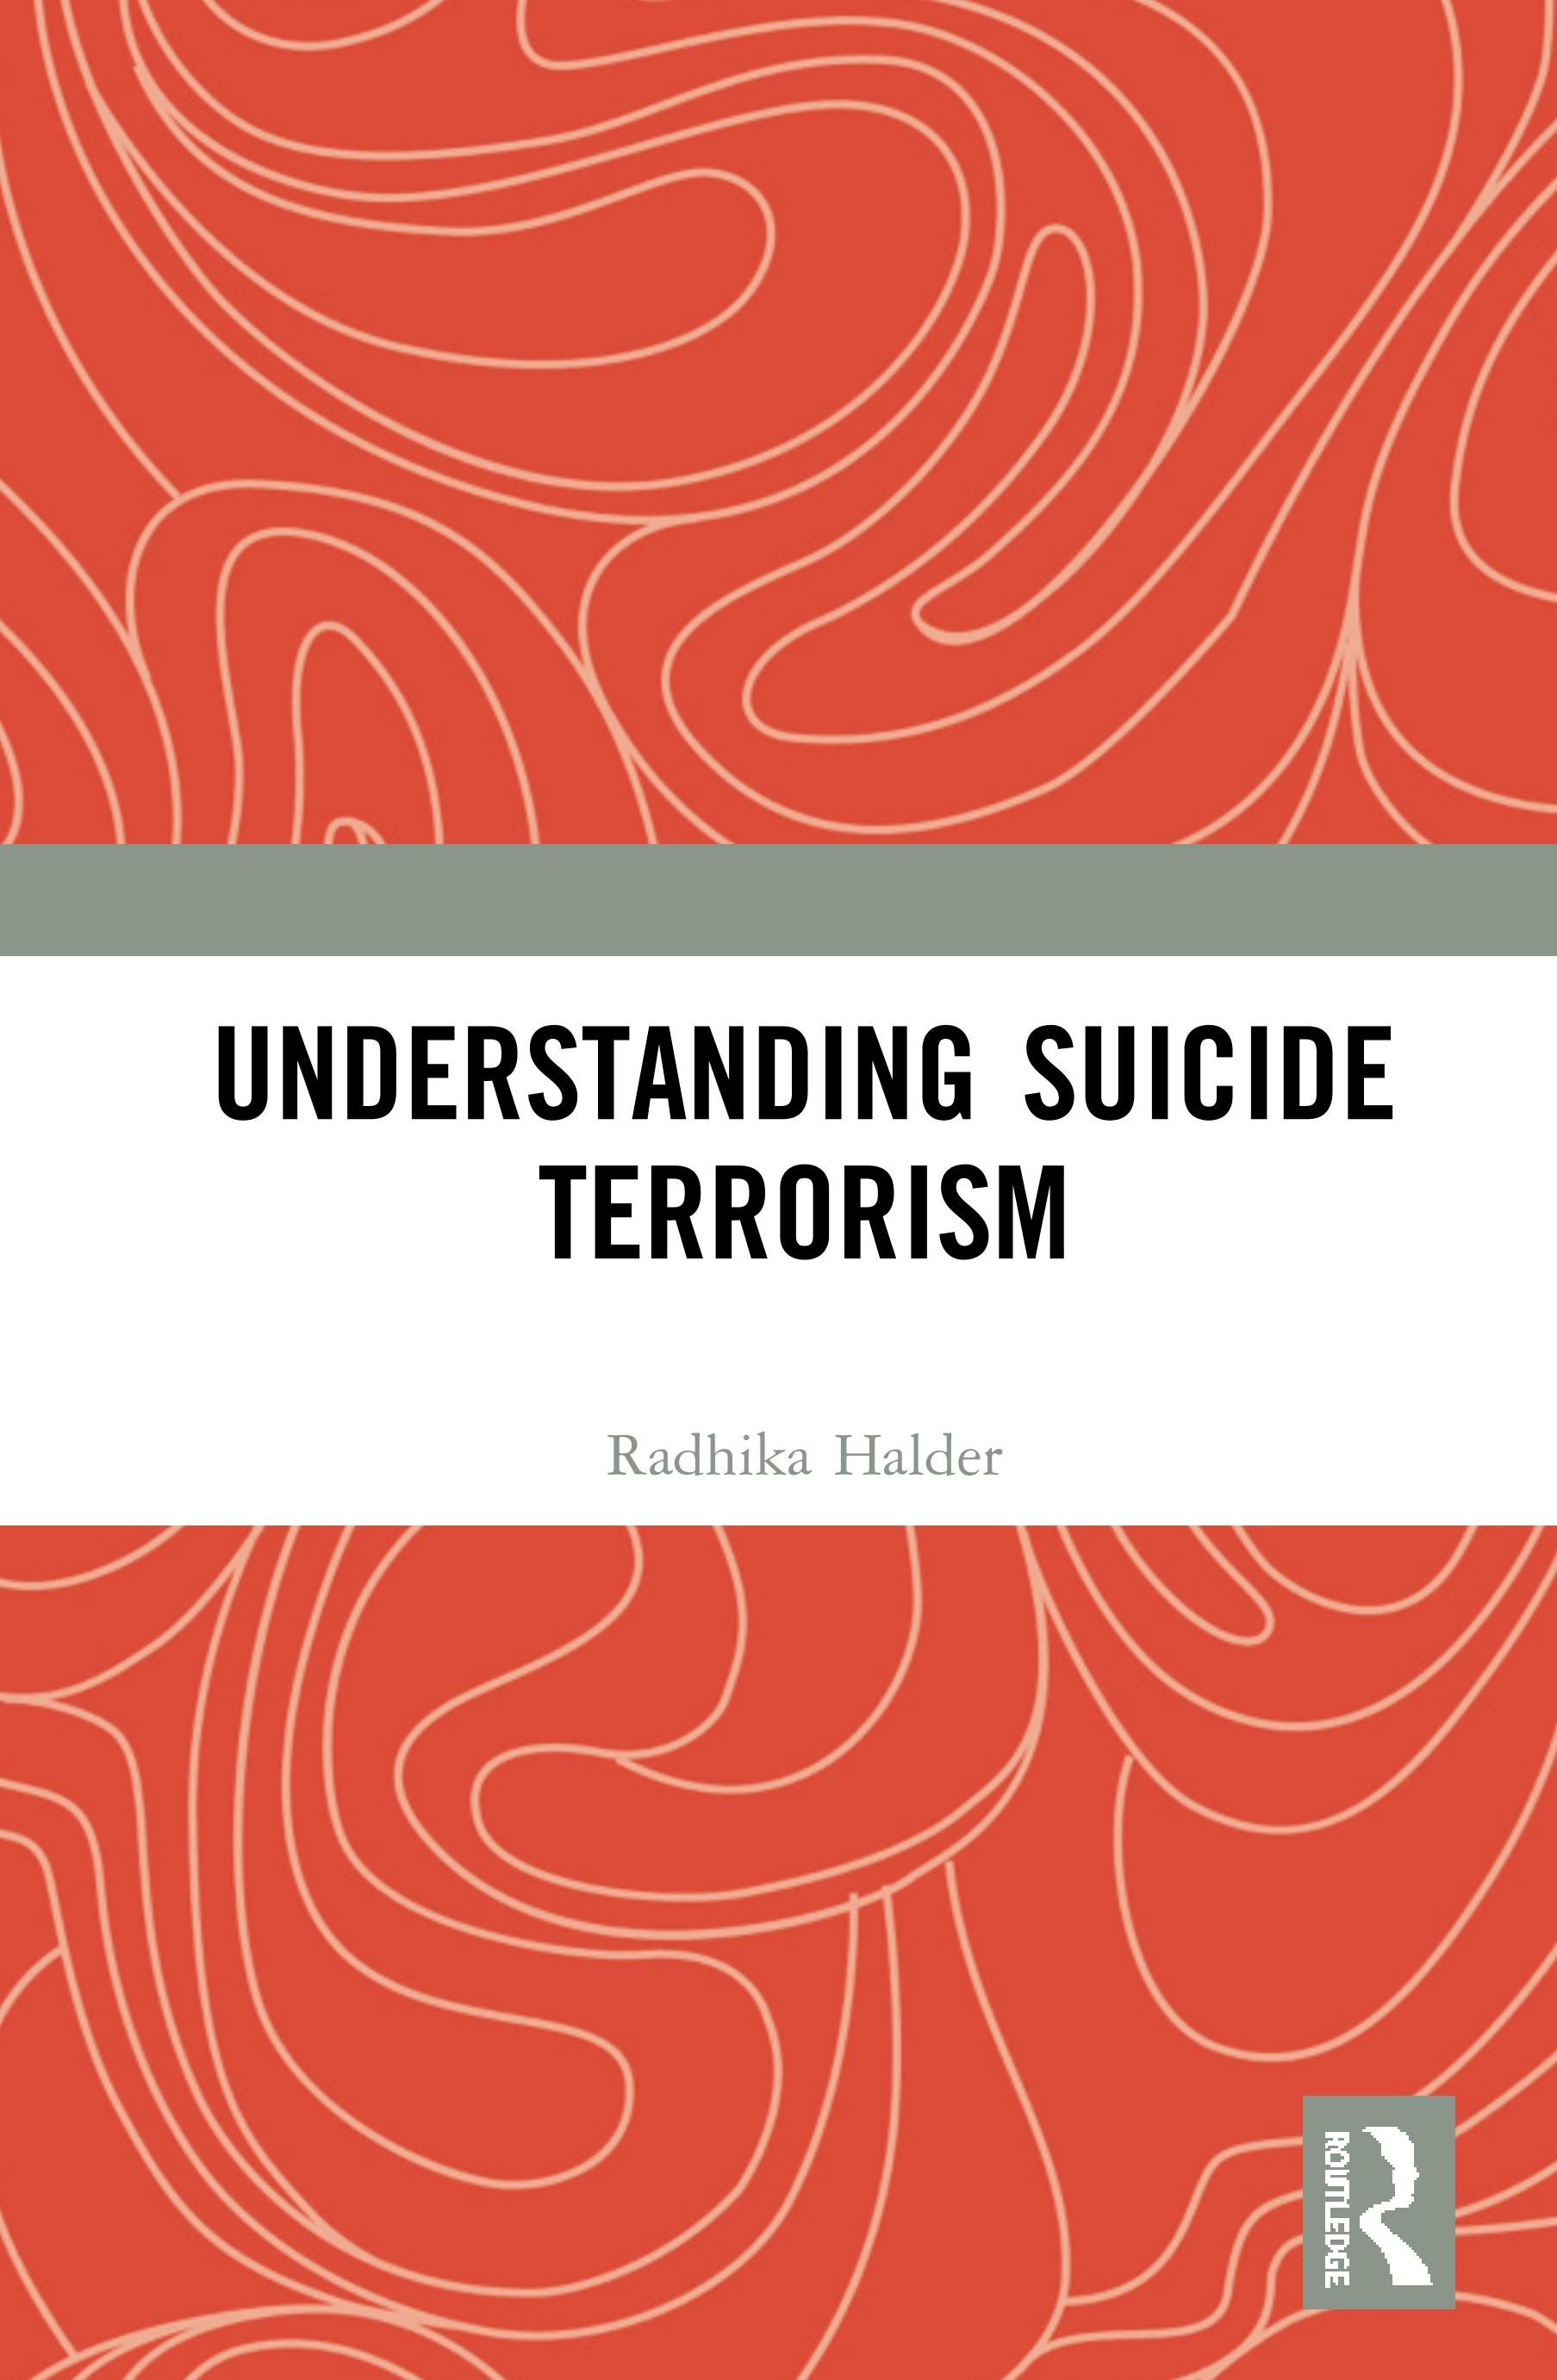 Understanding Suicide Terrorism book cover